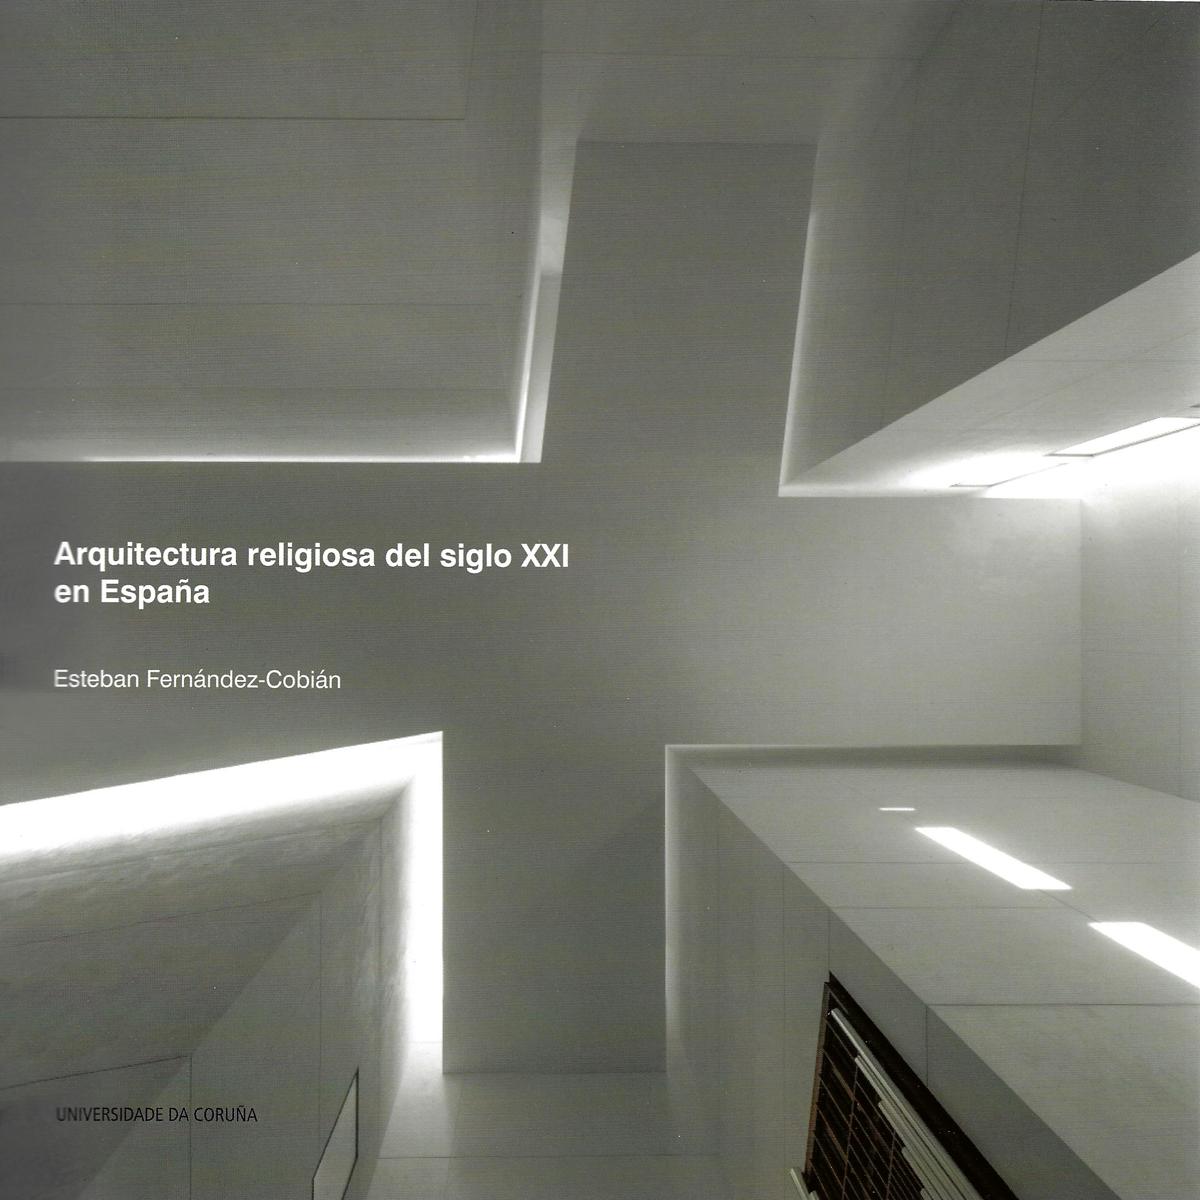 Arquitectura del siglo XXI en España